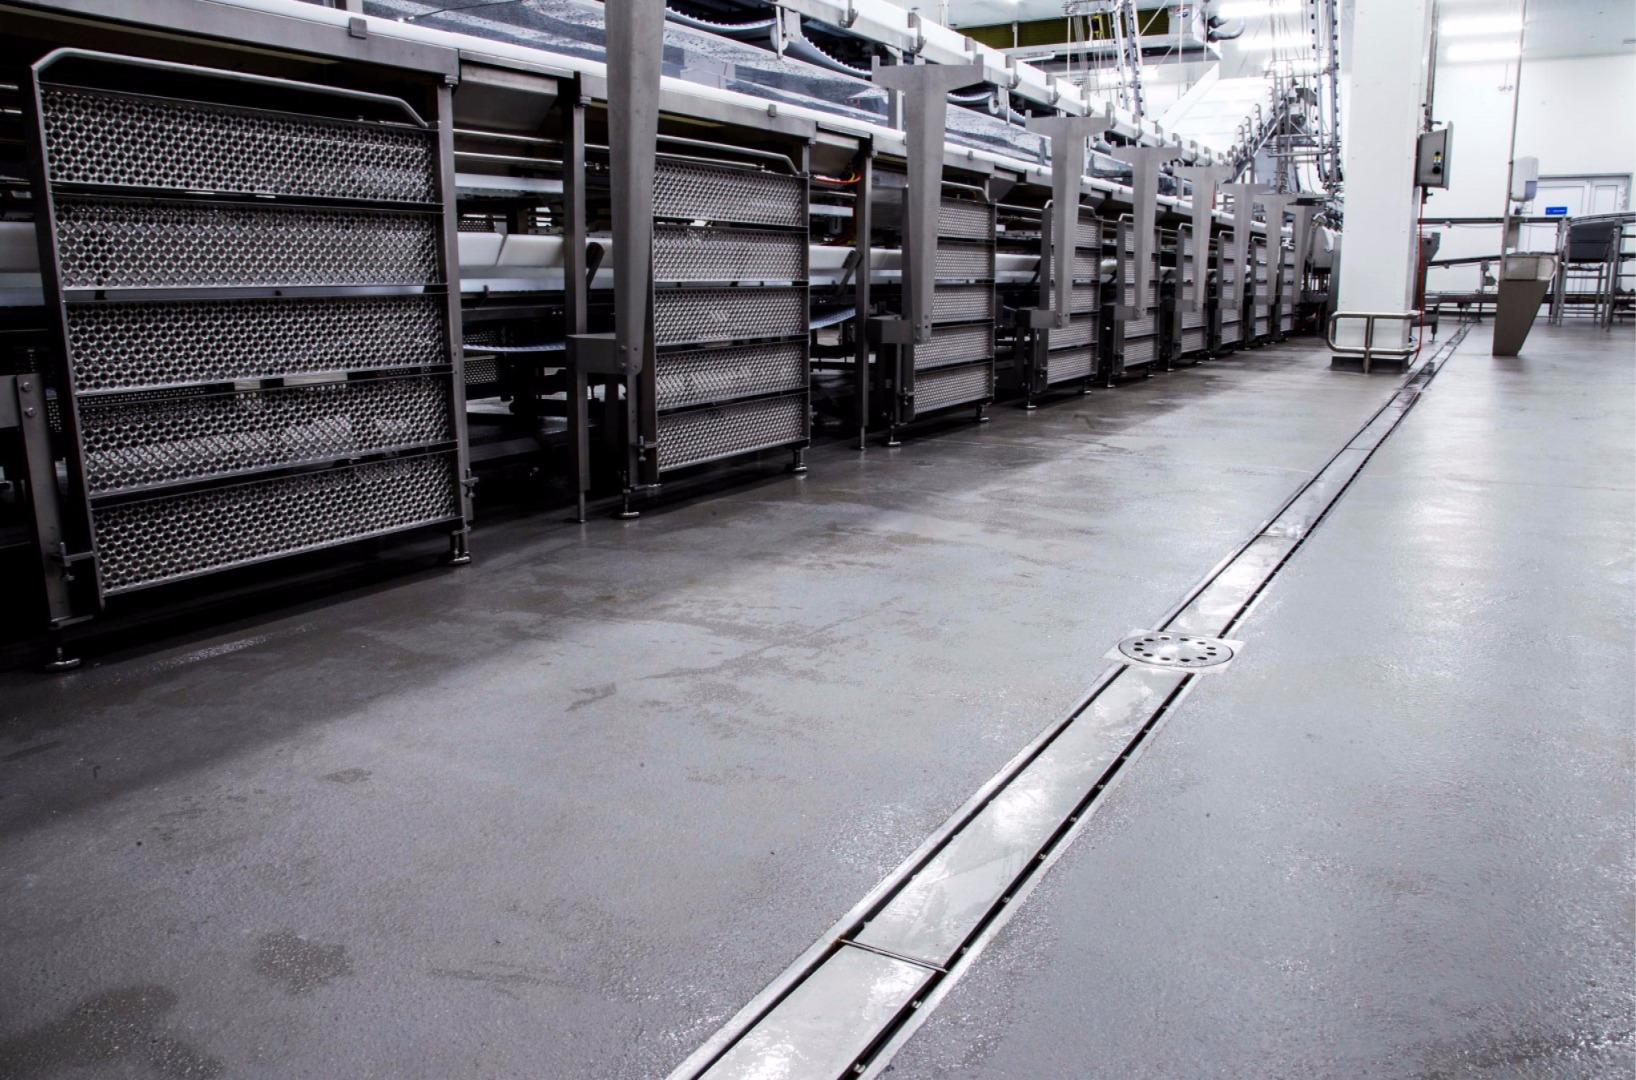 Мясоперерабатывающий цех «ZM Zakrzewscy» - фото № 4